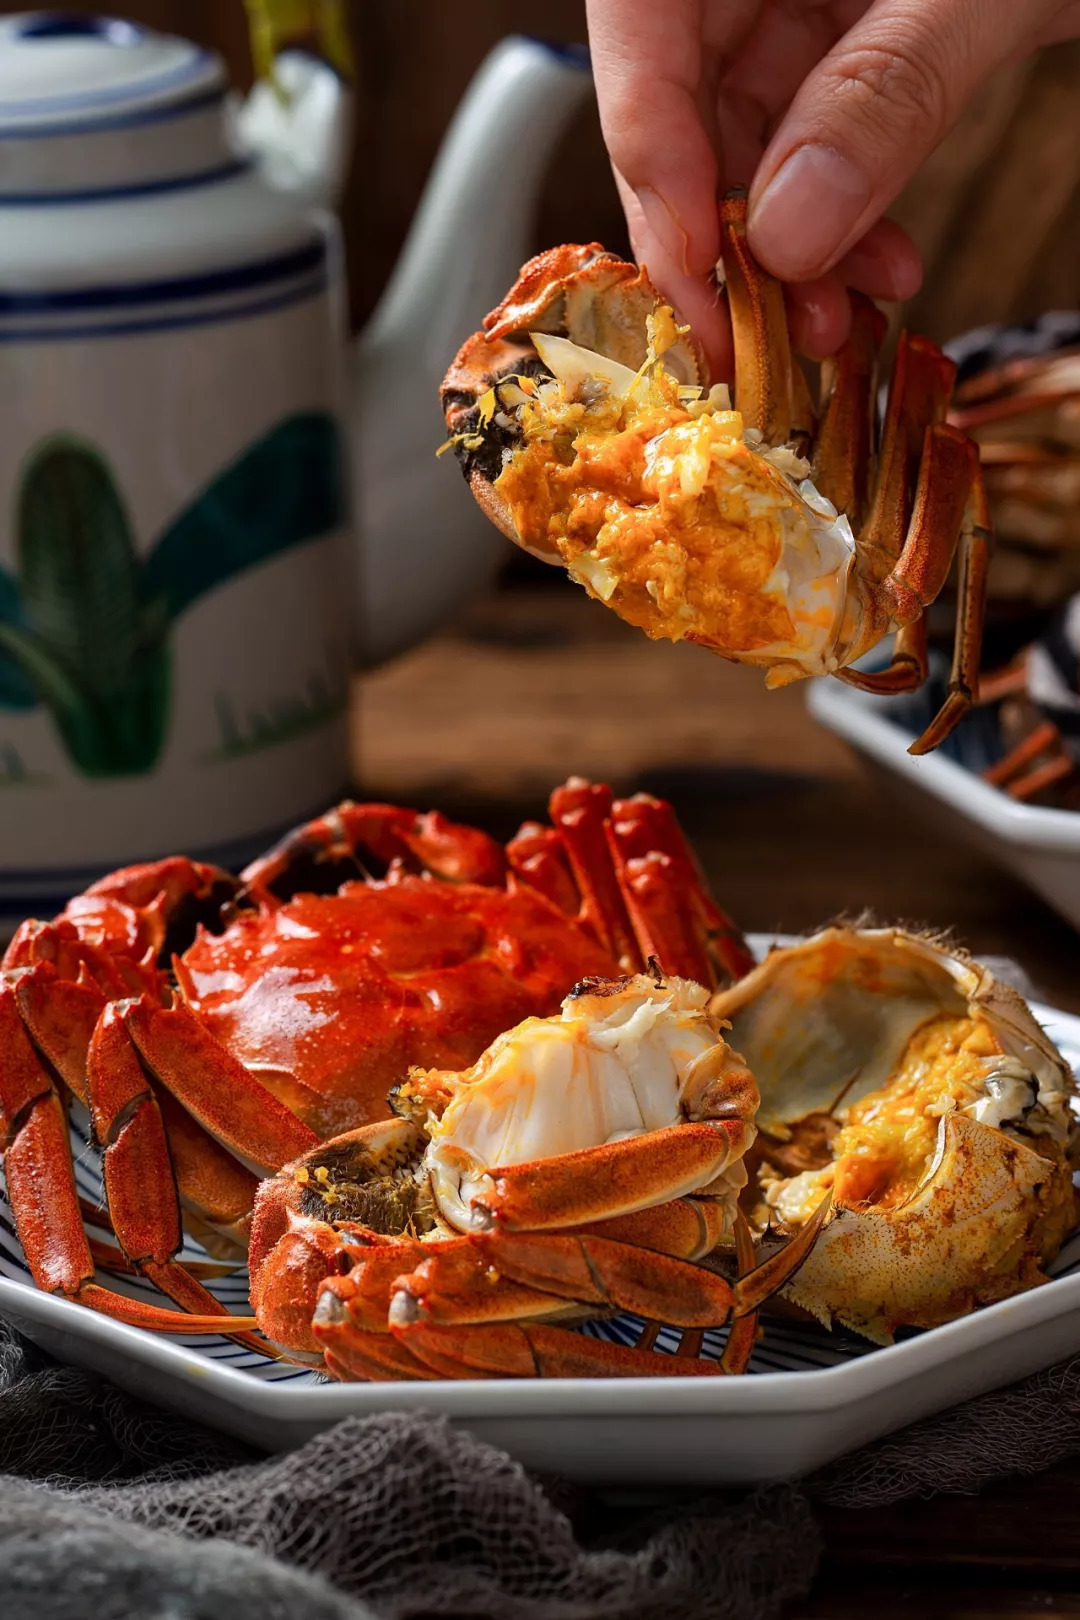 阳澄湖大闸蟹即将开捕!菊黄蟹肥,去源头吃最新鲜肥美的蟹!